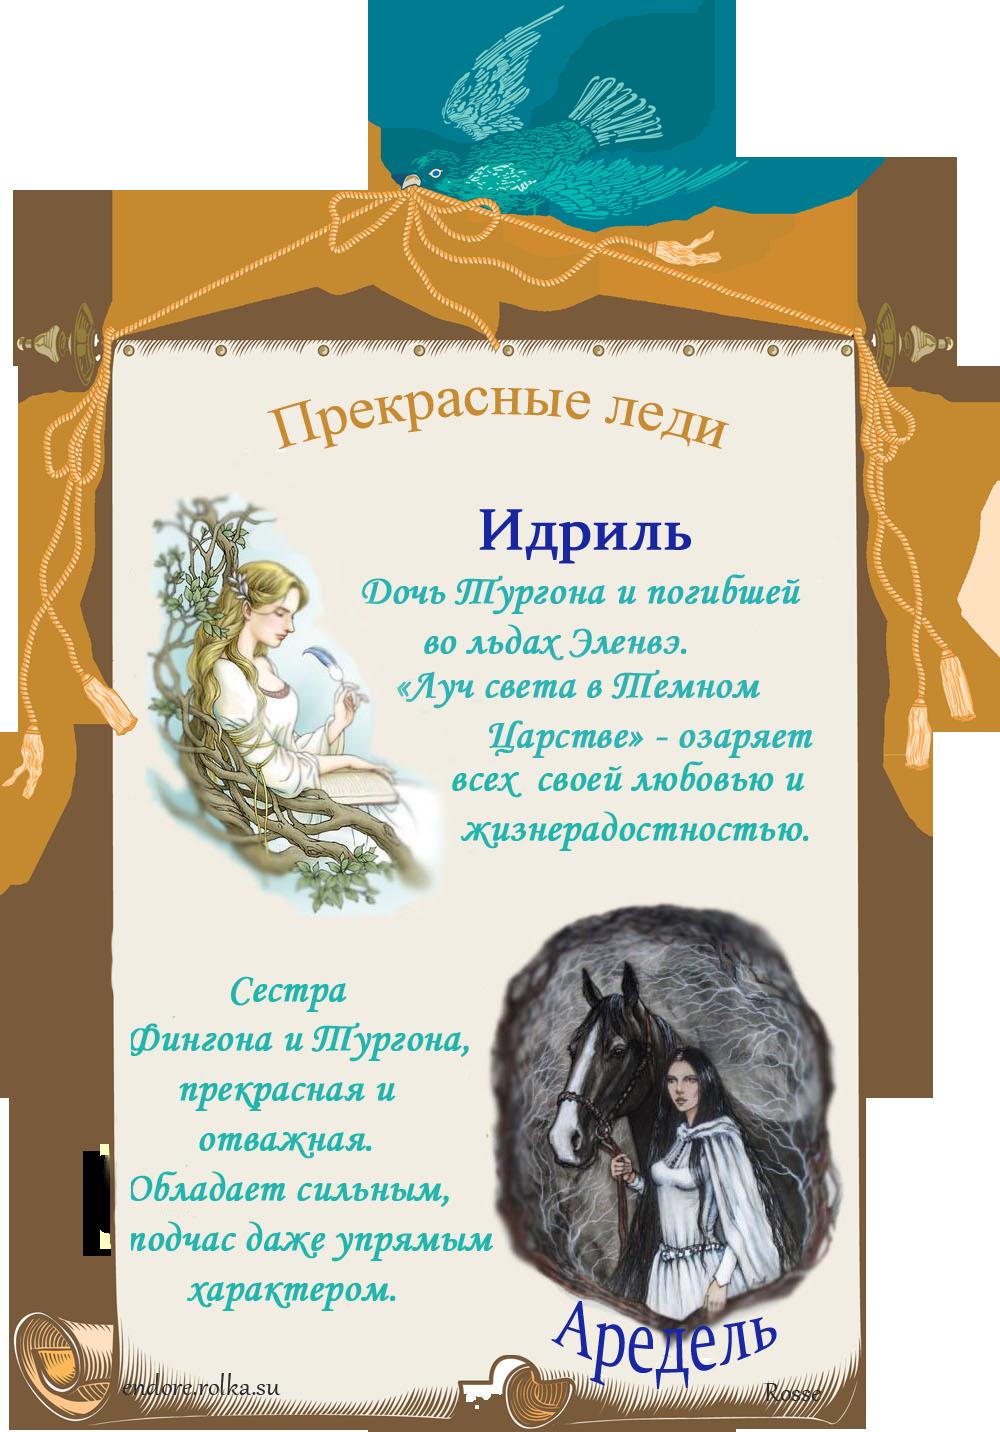 http://s2.uploads.ru/hWpuR.png